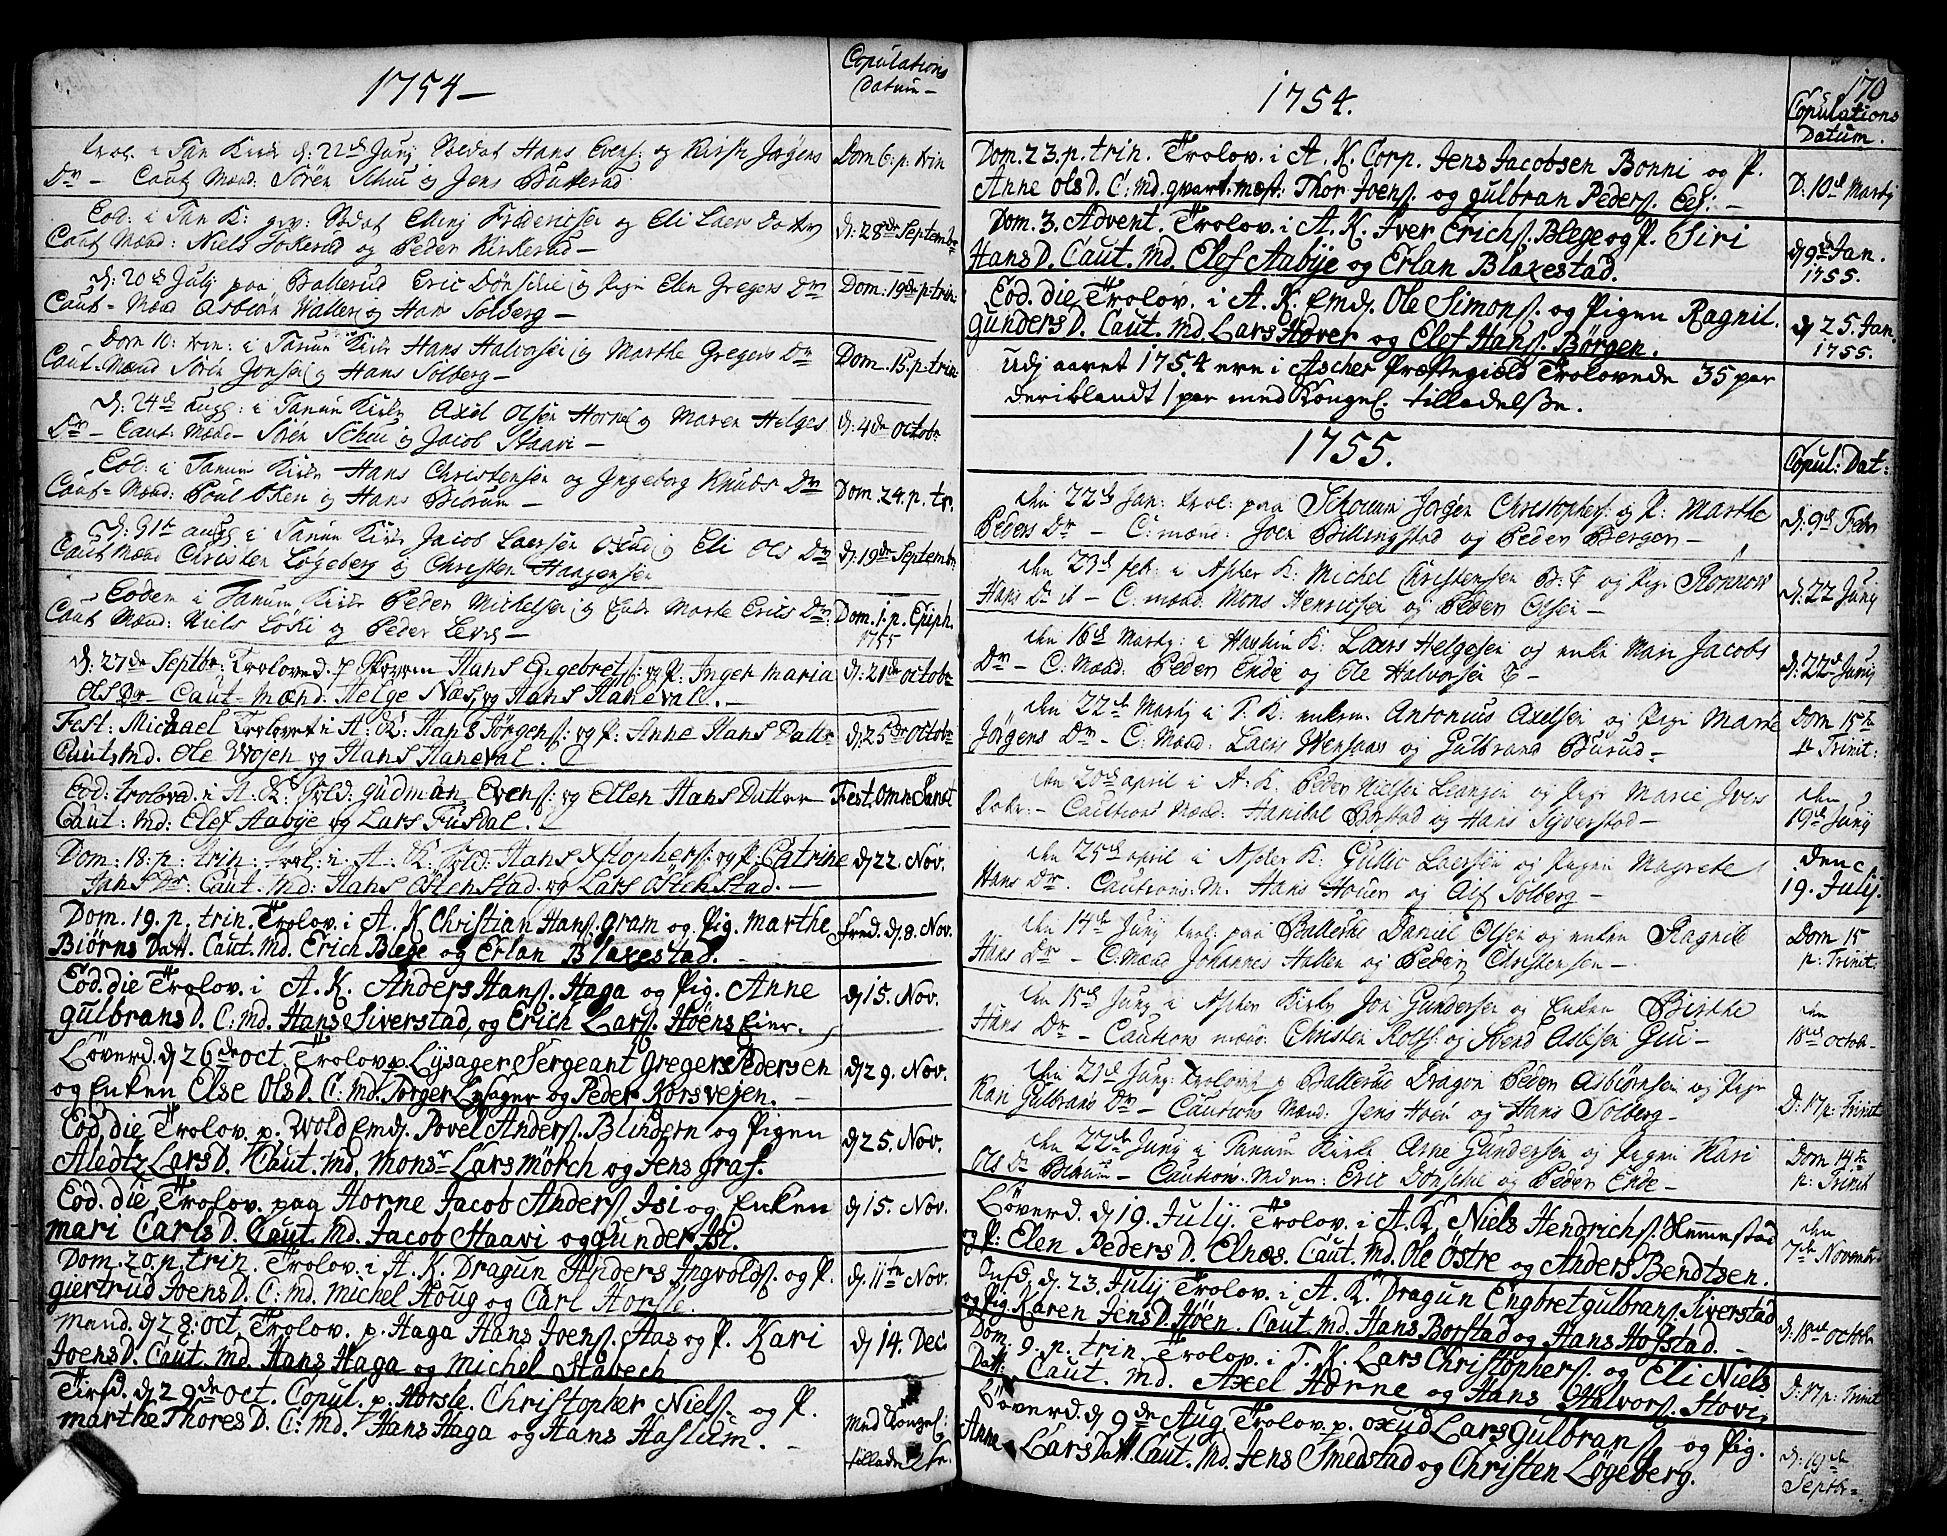 SAO, Asker prestekontor Kirkebøker, F/Fa/L0002: Ministerialbok nr. I 2, 1733-1766, s. 170